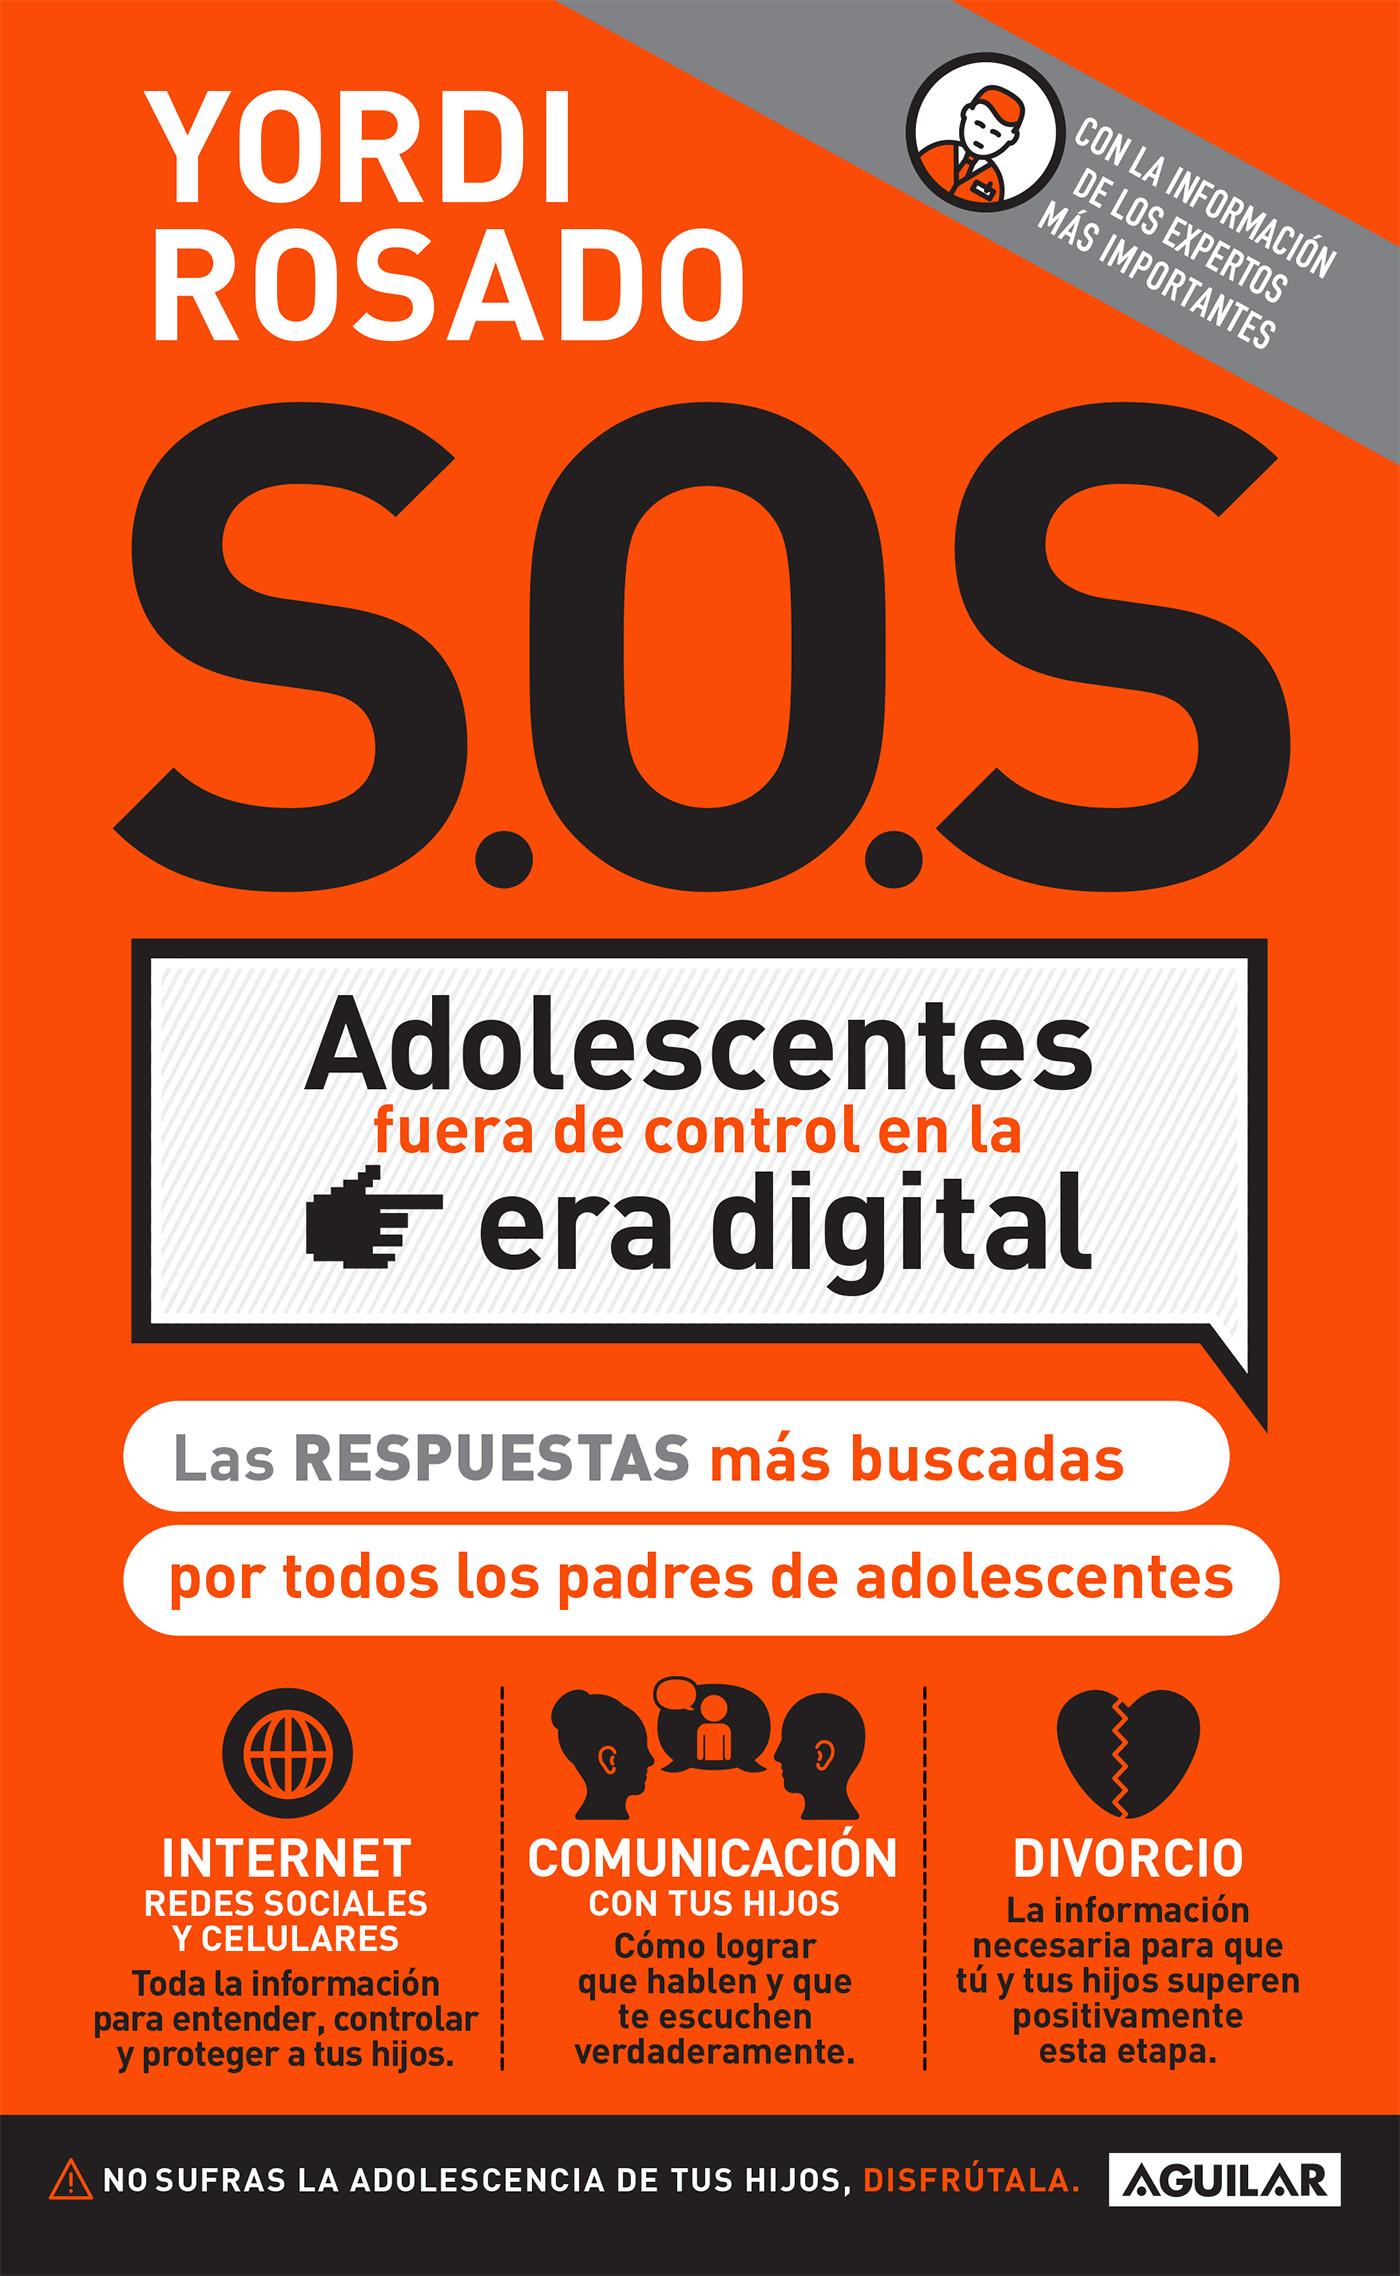 S.O.S Adolescentes fuera de control en la era digital